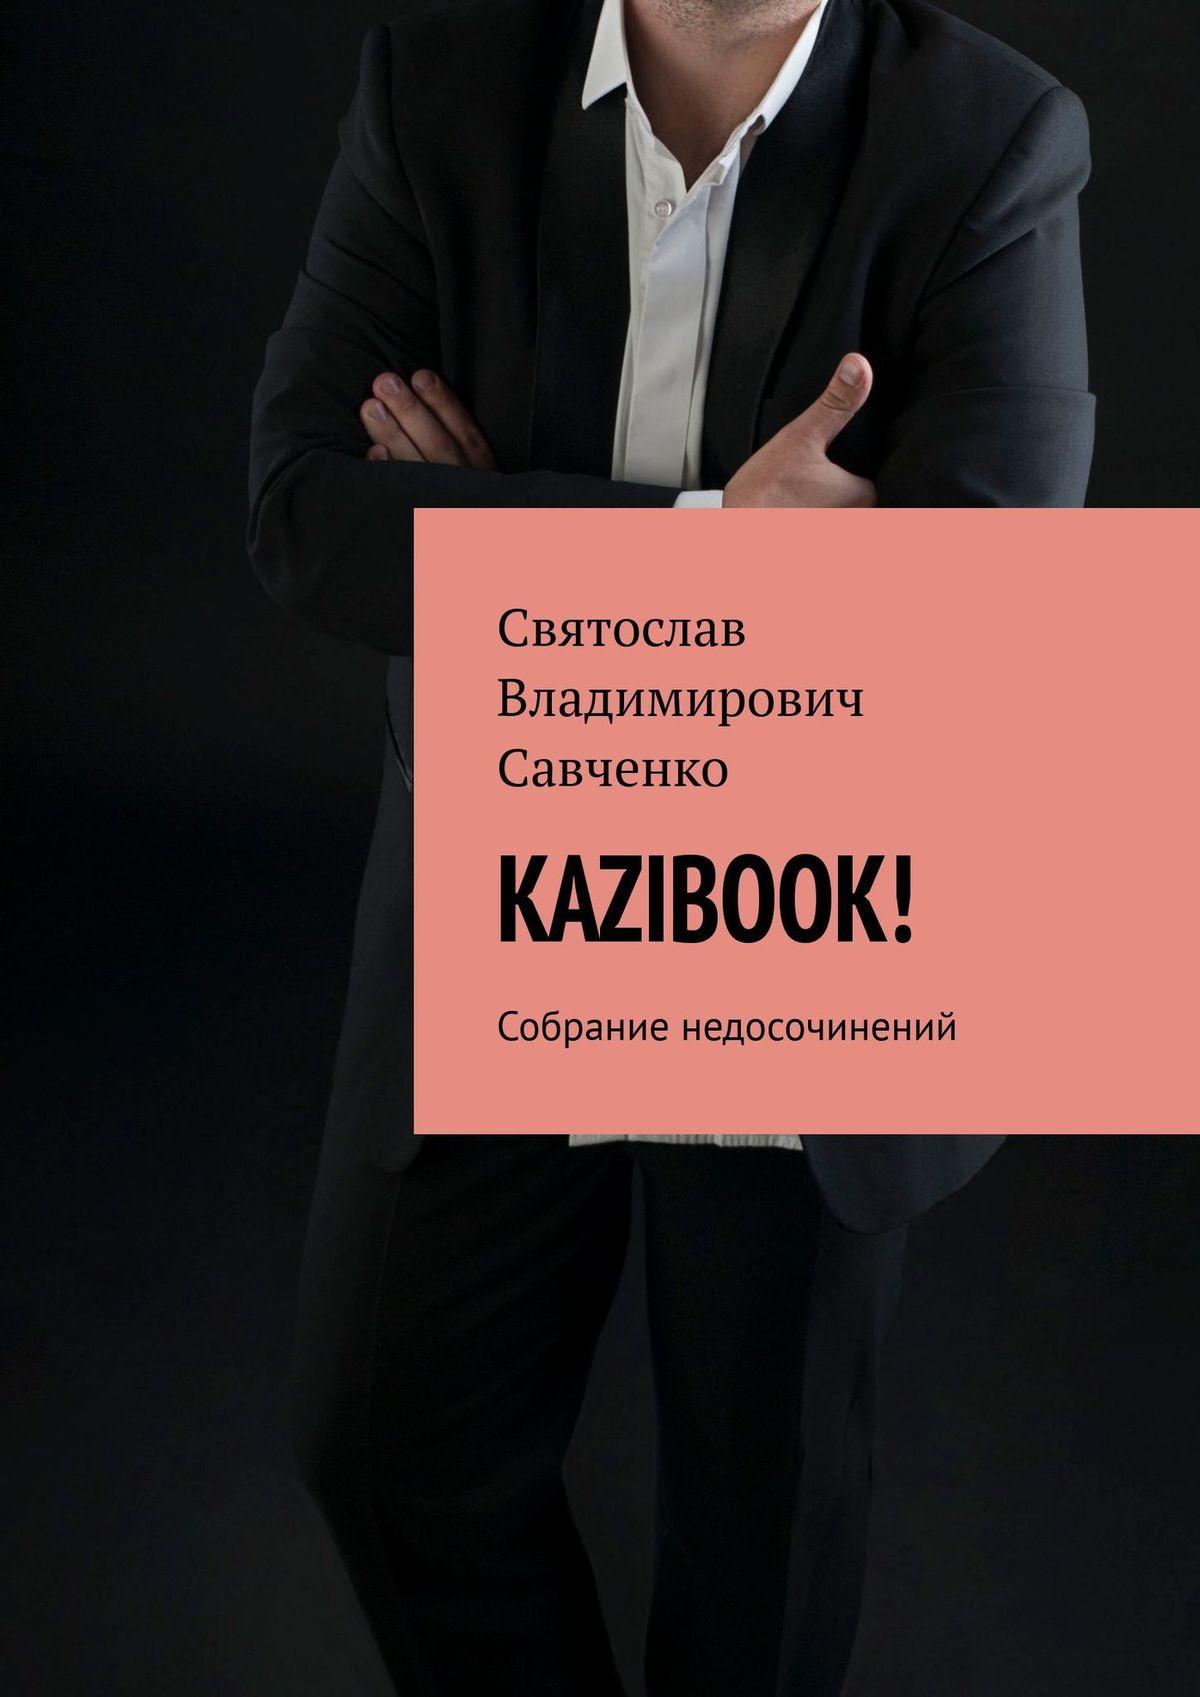 KAZIBOOK! Собрание недосочинений